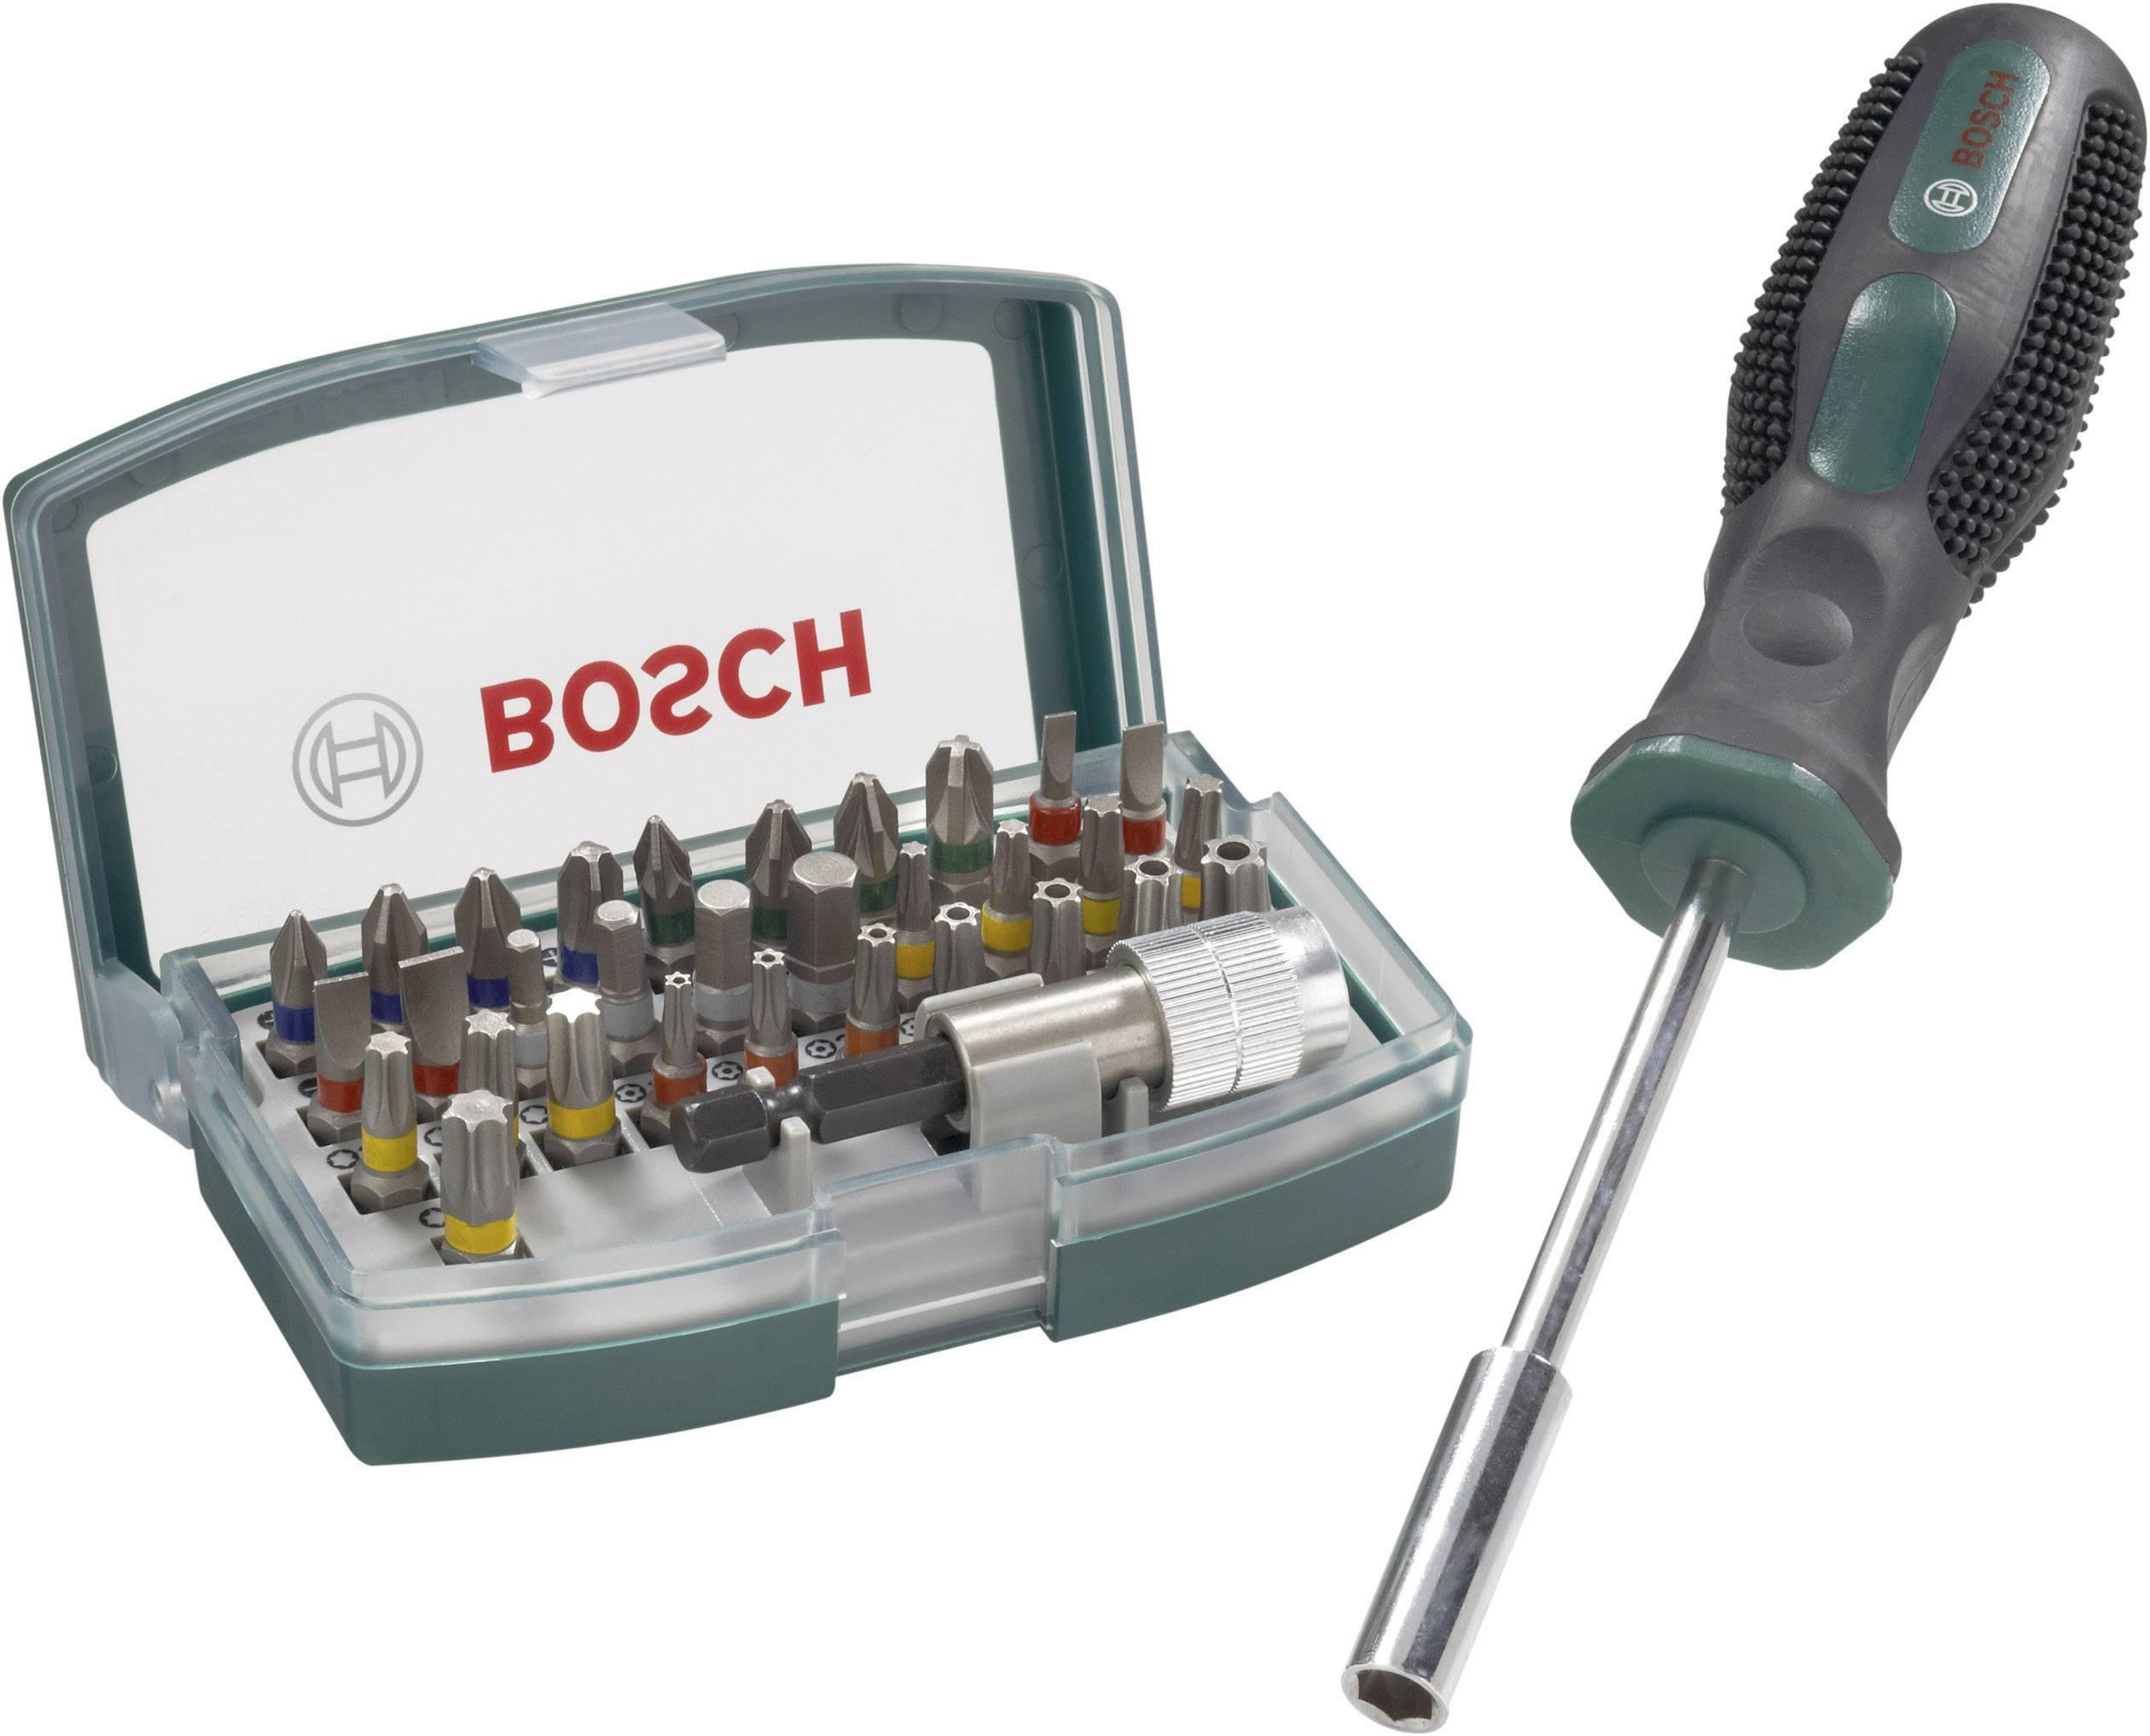 Alle Jahre wieder zum 01.12. - Bosch Bit-Set 32teilig Promoline Bit-Set mit Schraubendreher @ Voelkner Adventskalender